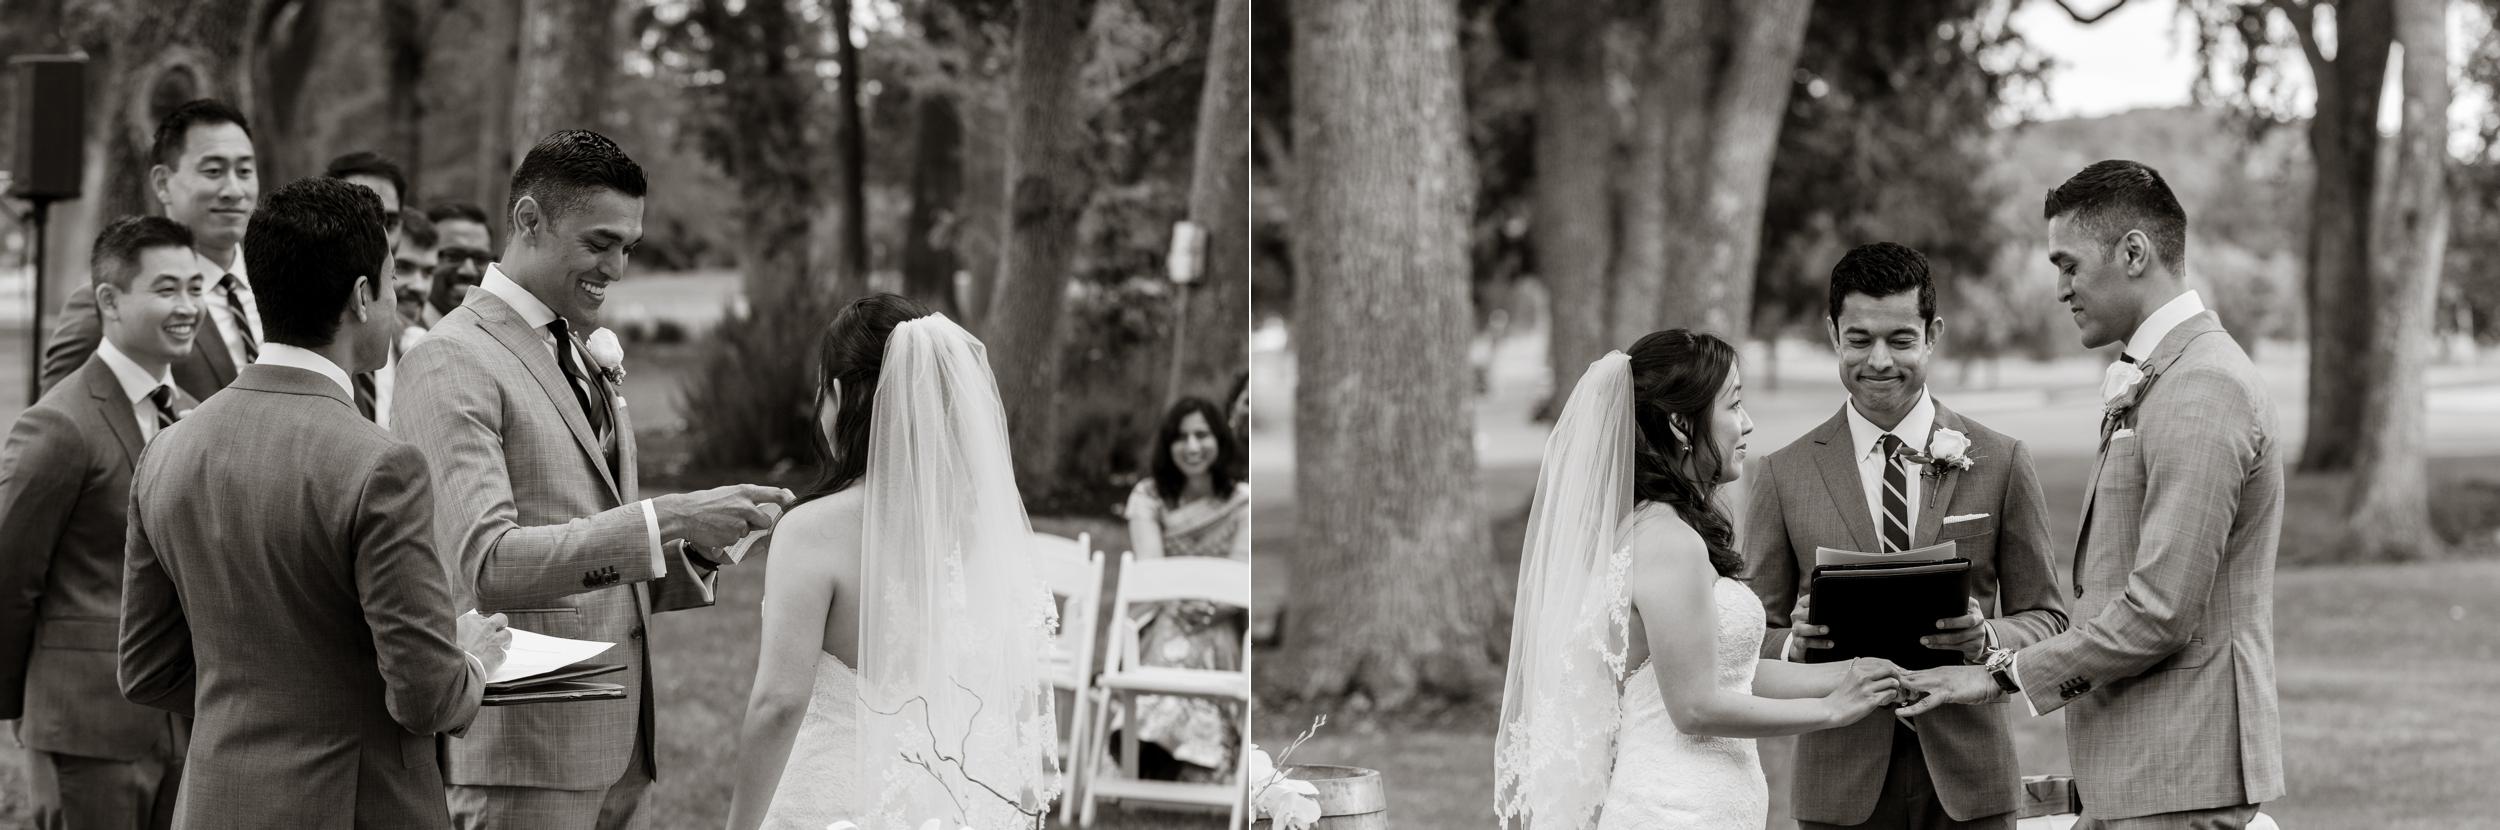 silverado-resort-napa-wine-country-wedding-28_WEB.jpg